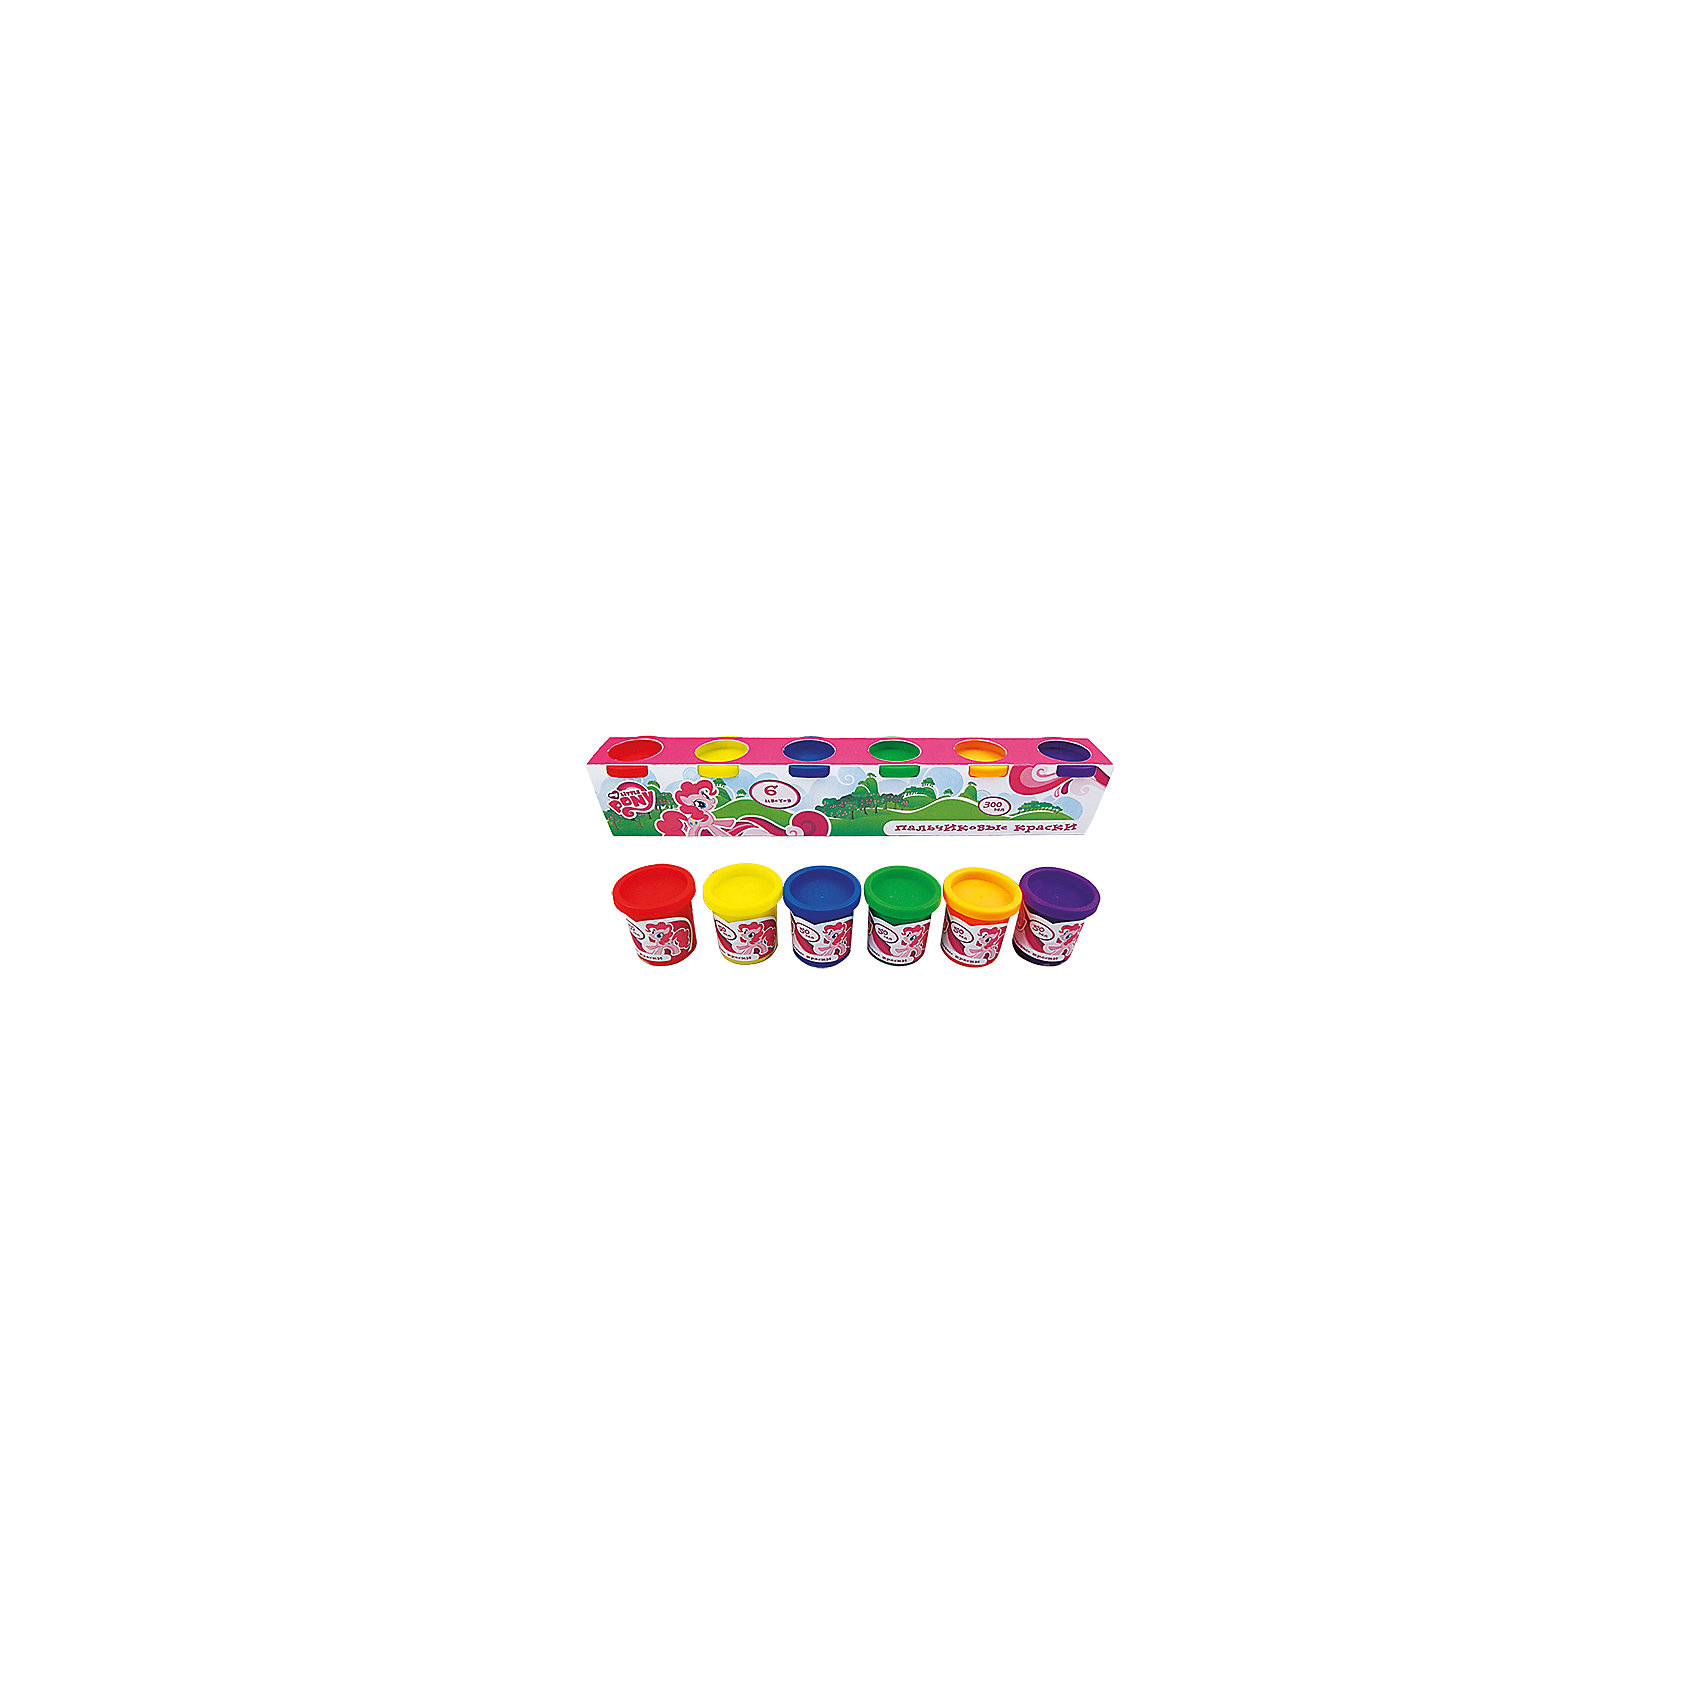 Набор пальчиковых красок, 6 цветов, My little Pony